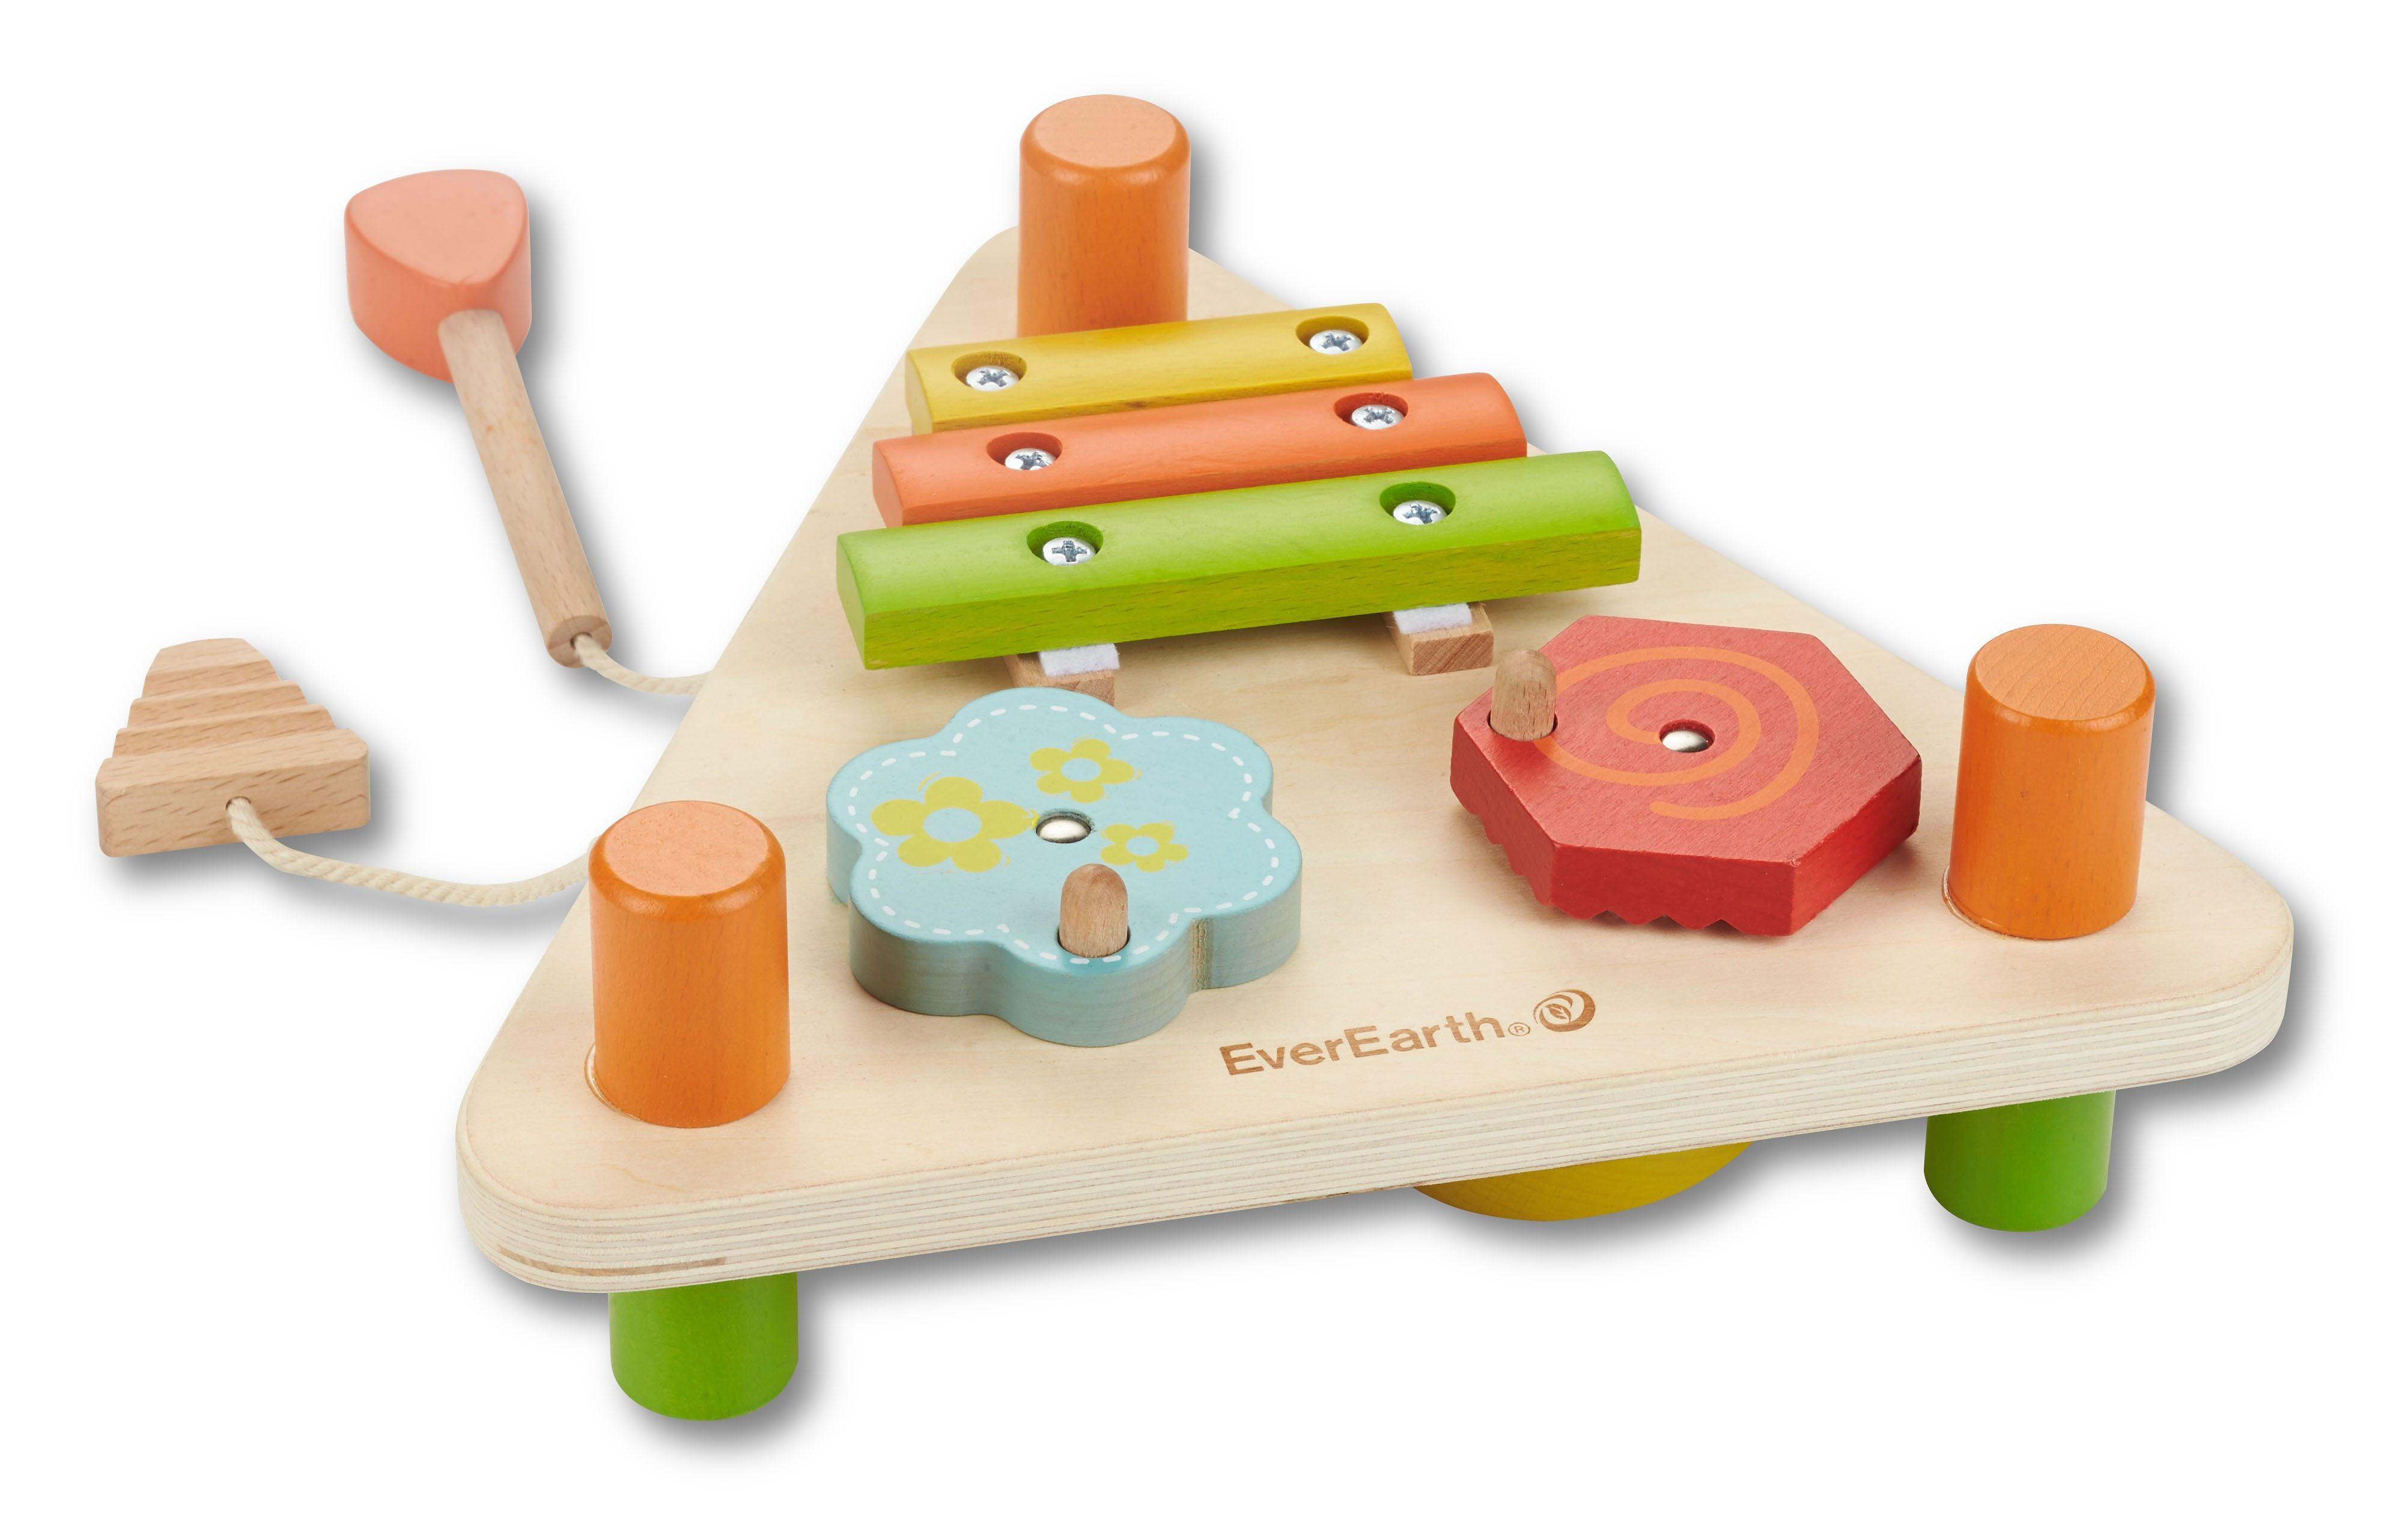 EverEarth Holzspielzeug 2-seitiges Musikdreieck Preisvergleich